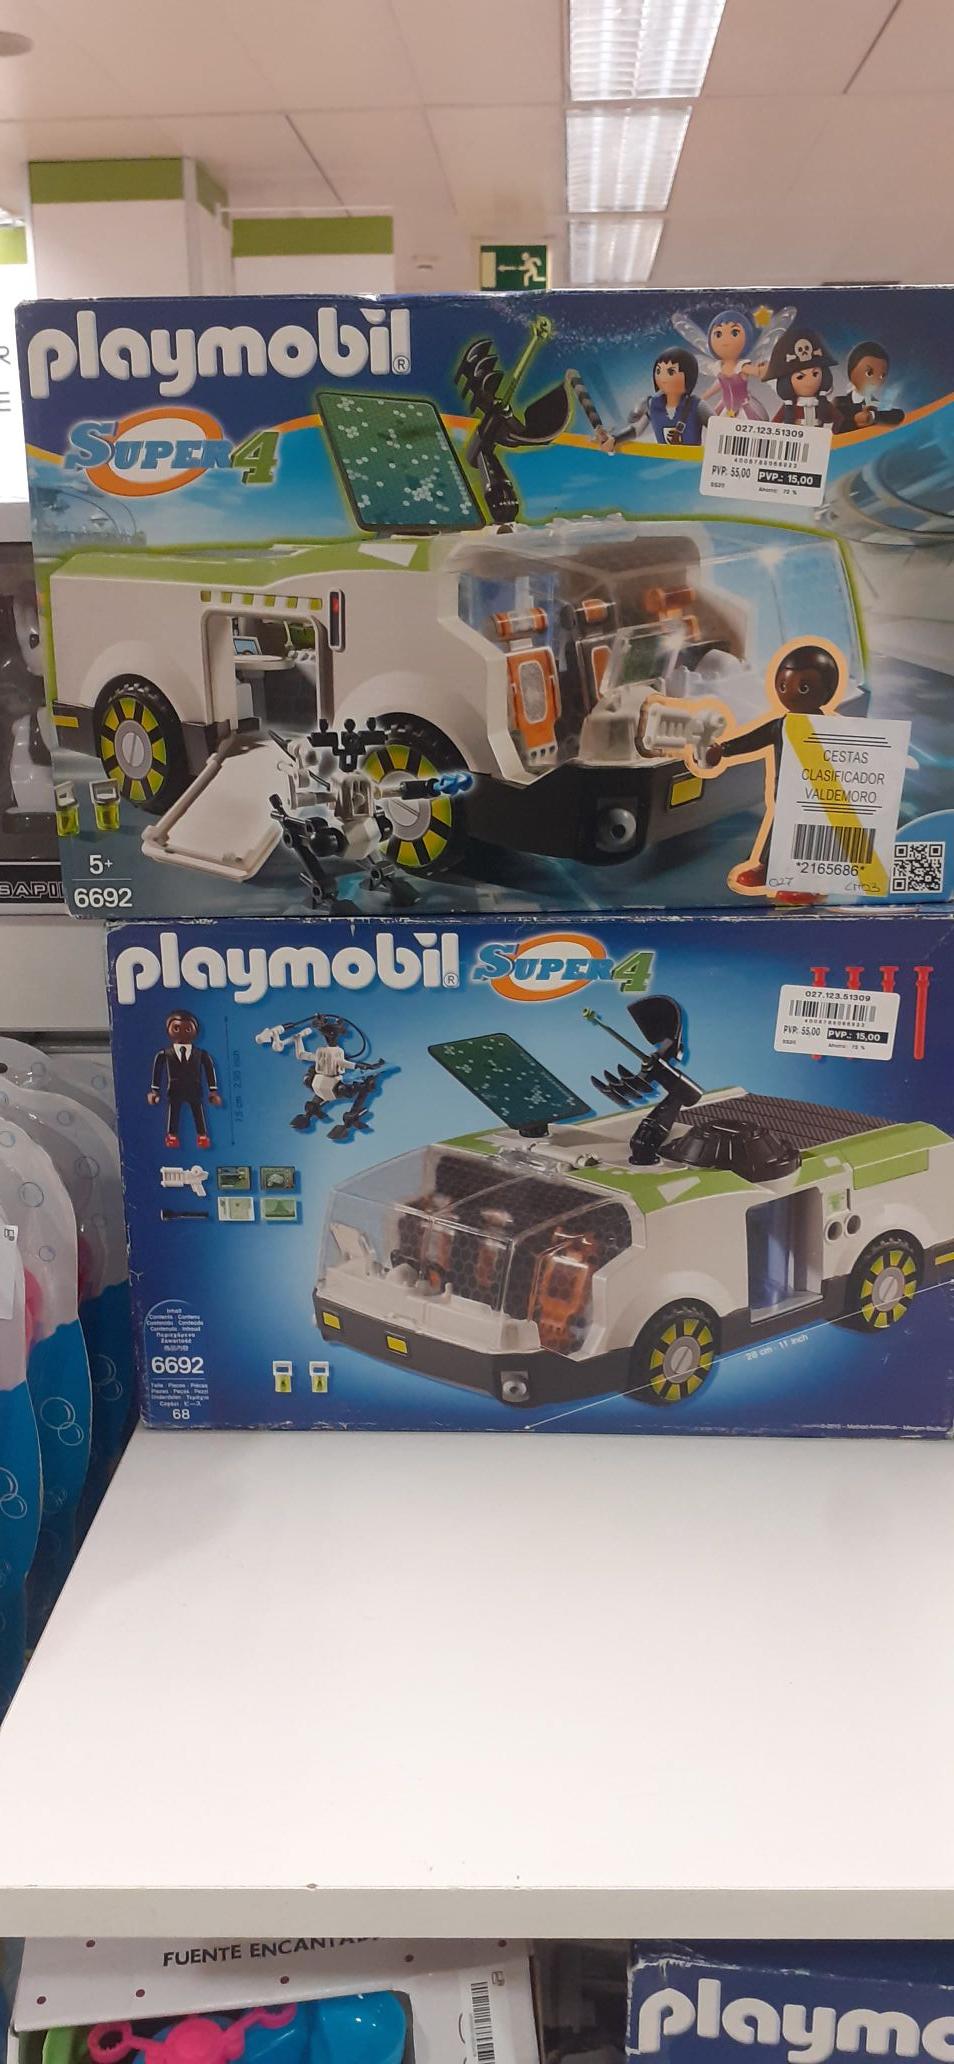 Playmobil con grandes descuentos ECI OUTLET Torremolinos